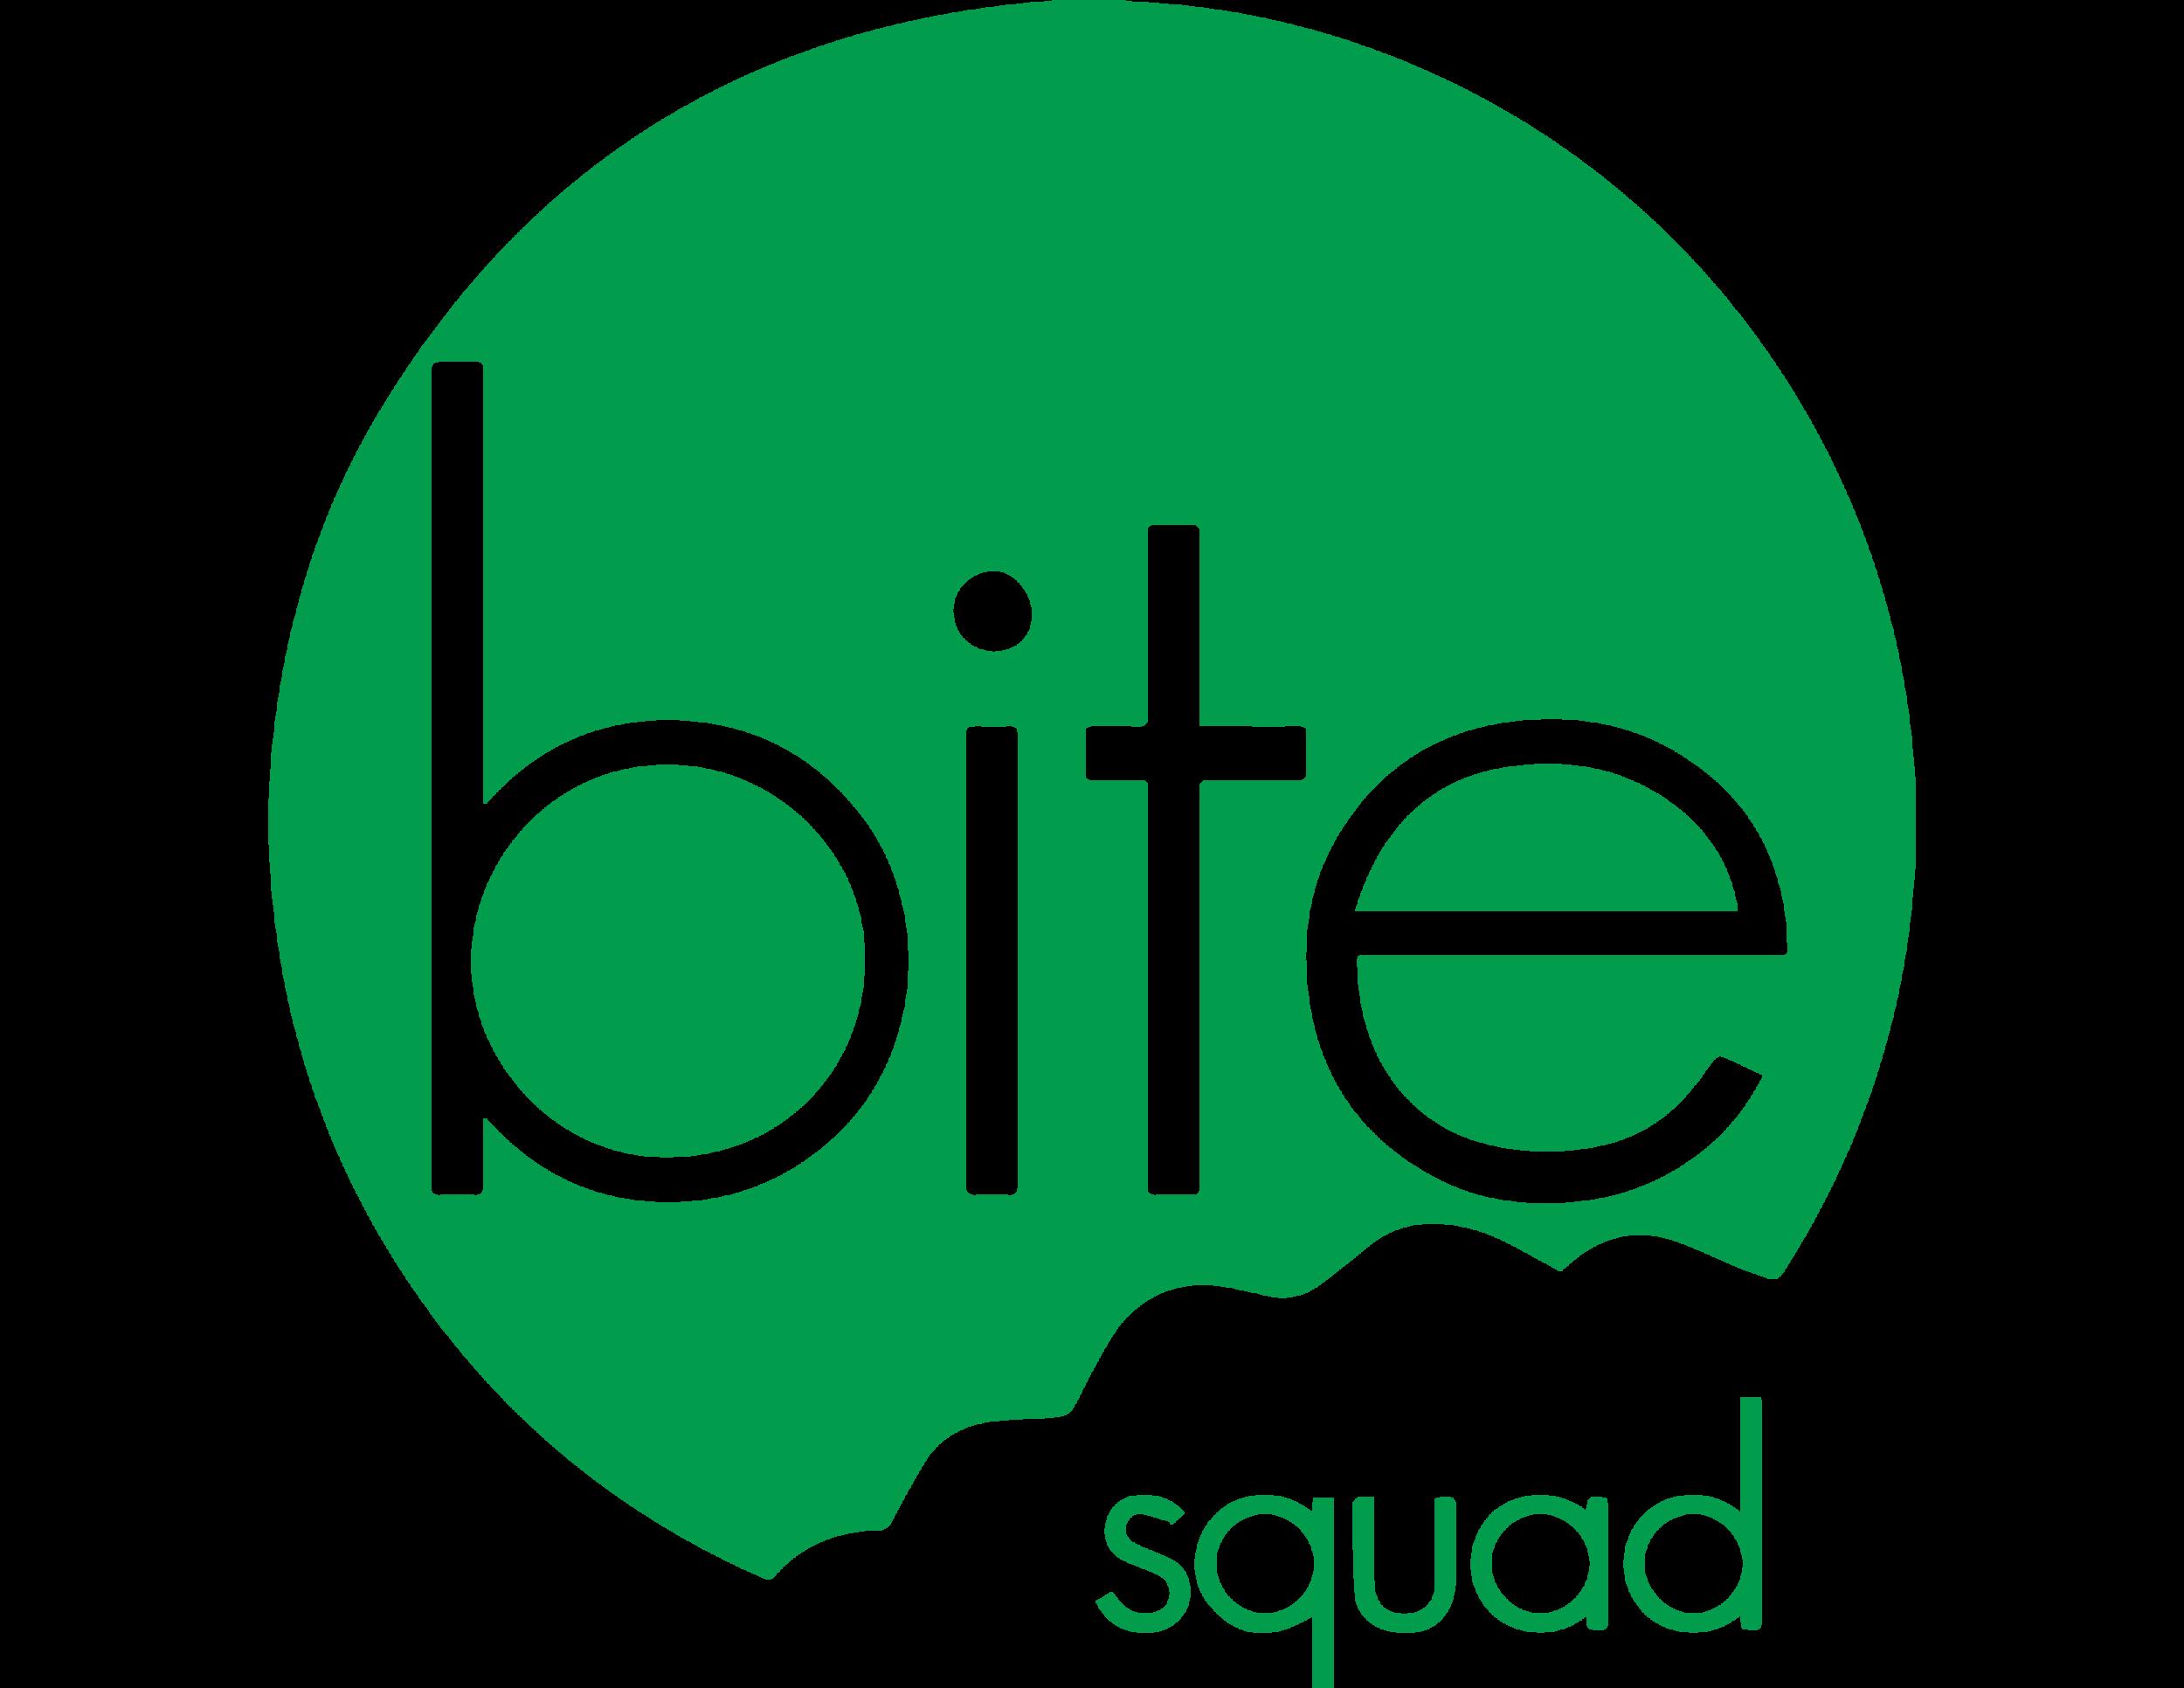 bite_squad.png